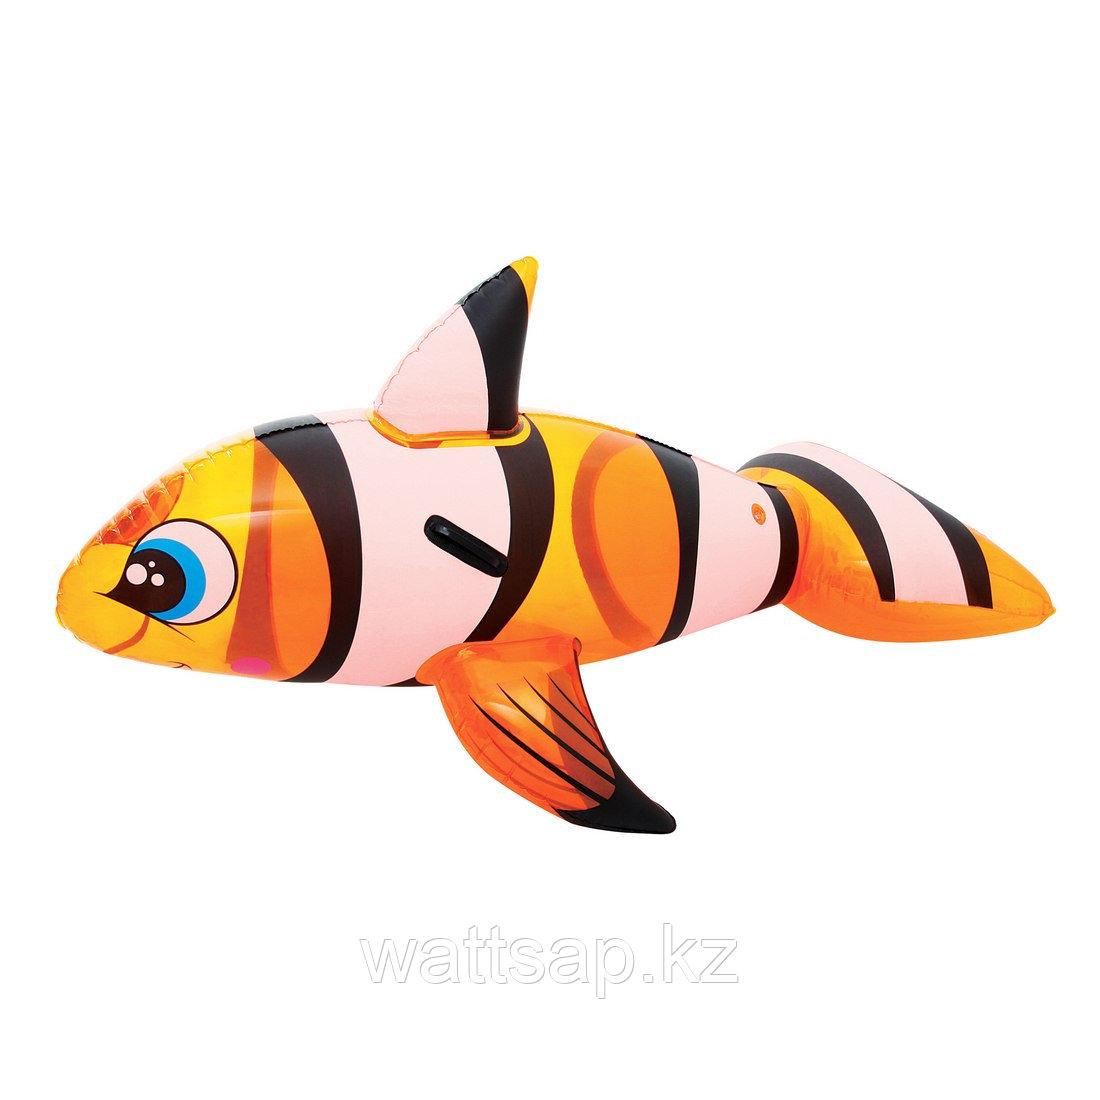 Игрушка для плавания, BESTWAY, 41088, Рыба-Клоун, 157х94 см, Винил, Оранжевый, Цветная коробка